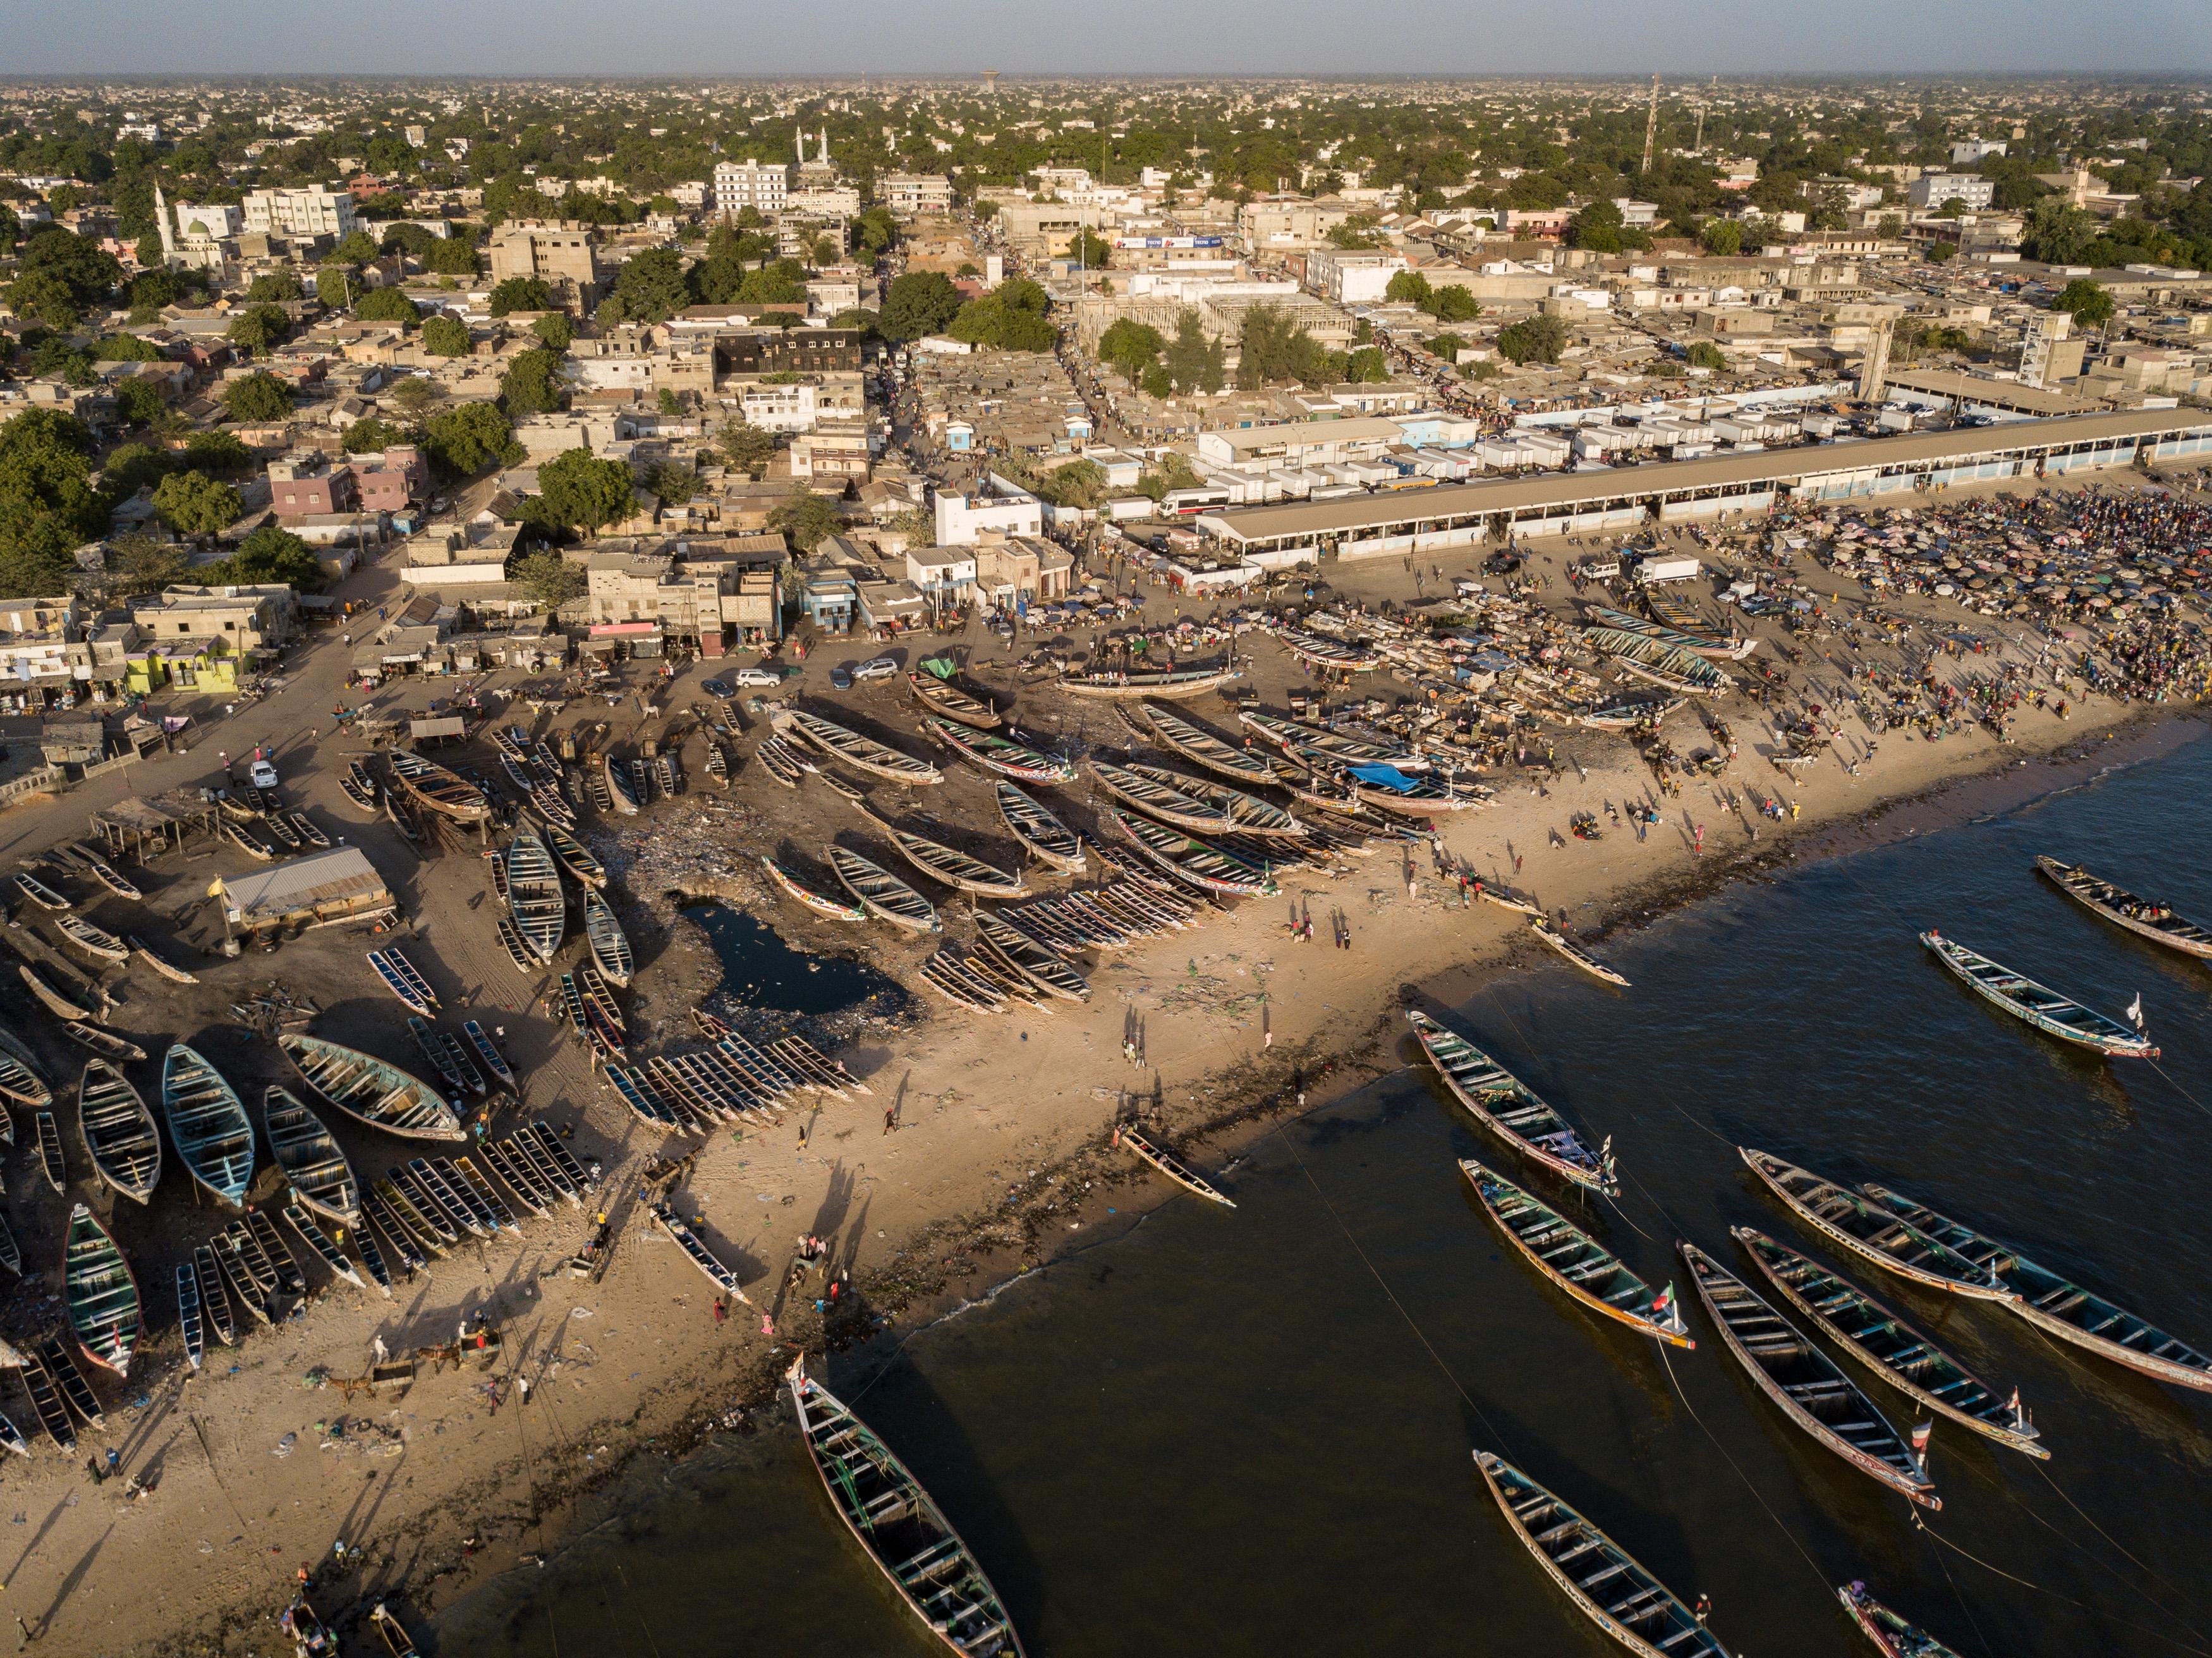 Viaje a Mbour, la costa senegalesa de los naufragios olvidados: ?Este lugar está muerto?